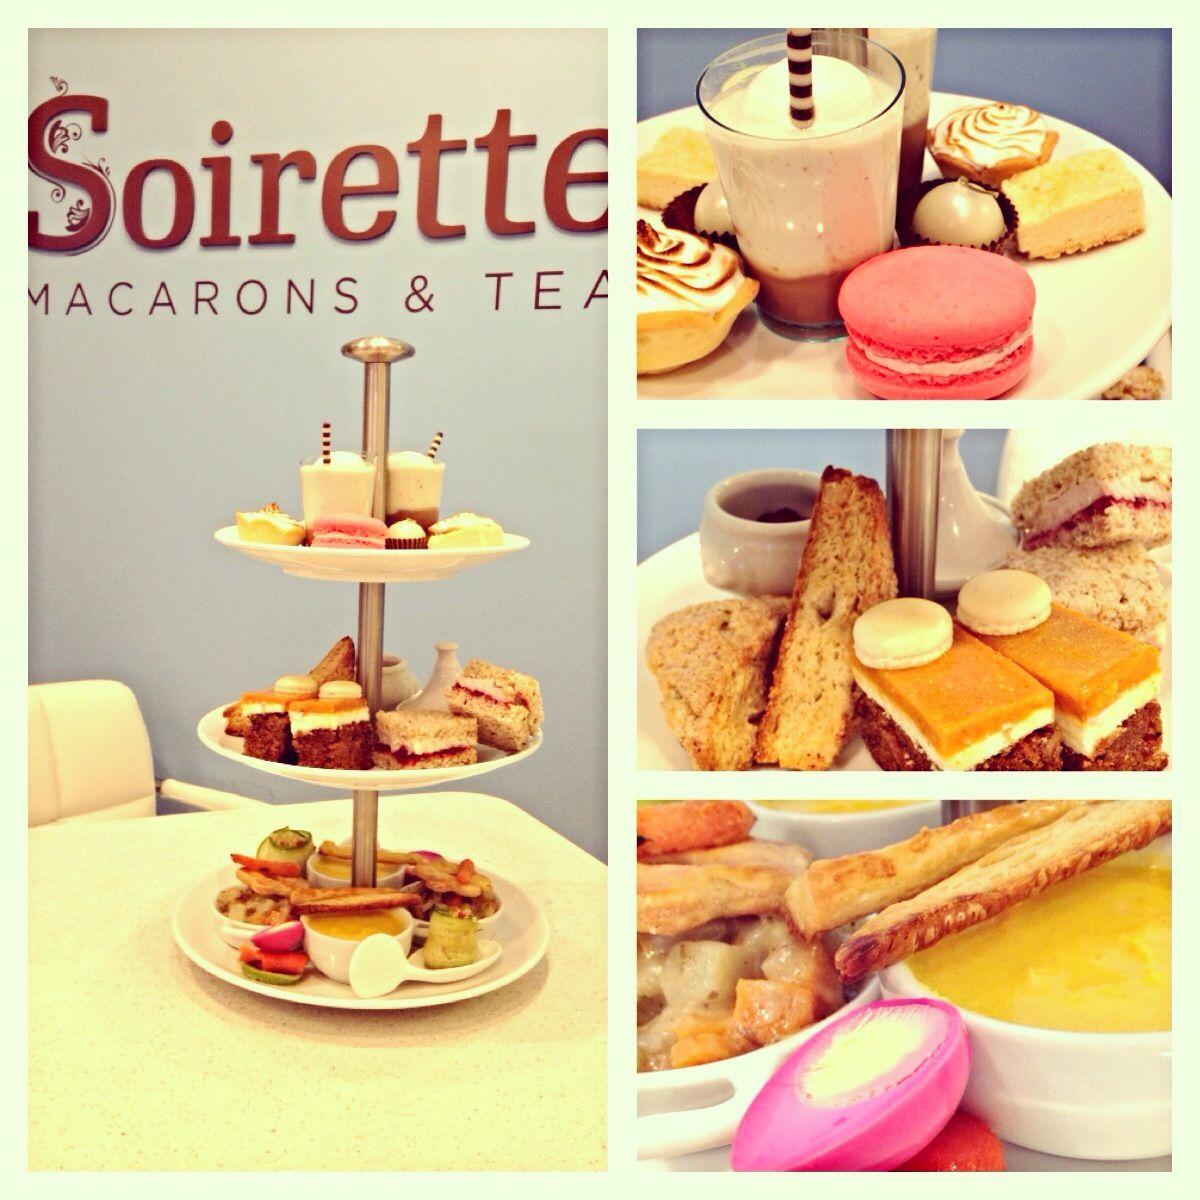 A delicious high tea, set for two :)  #Soirette #macaron #hightea #Vancouver